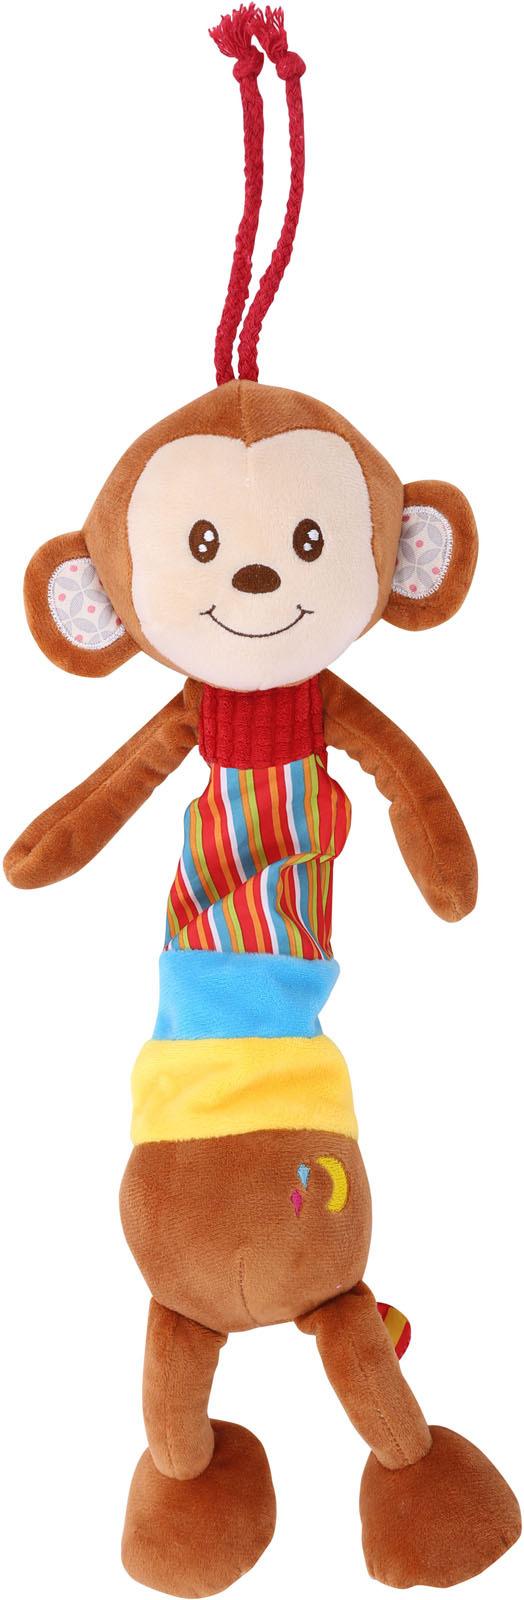 Развивающая музыкальная игрушка Lorelli Toys Мартышка. 10191190001 развивающая игрушка lorelli toys слоник 1019117